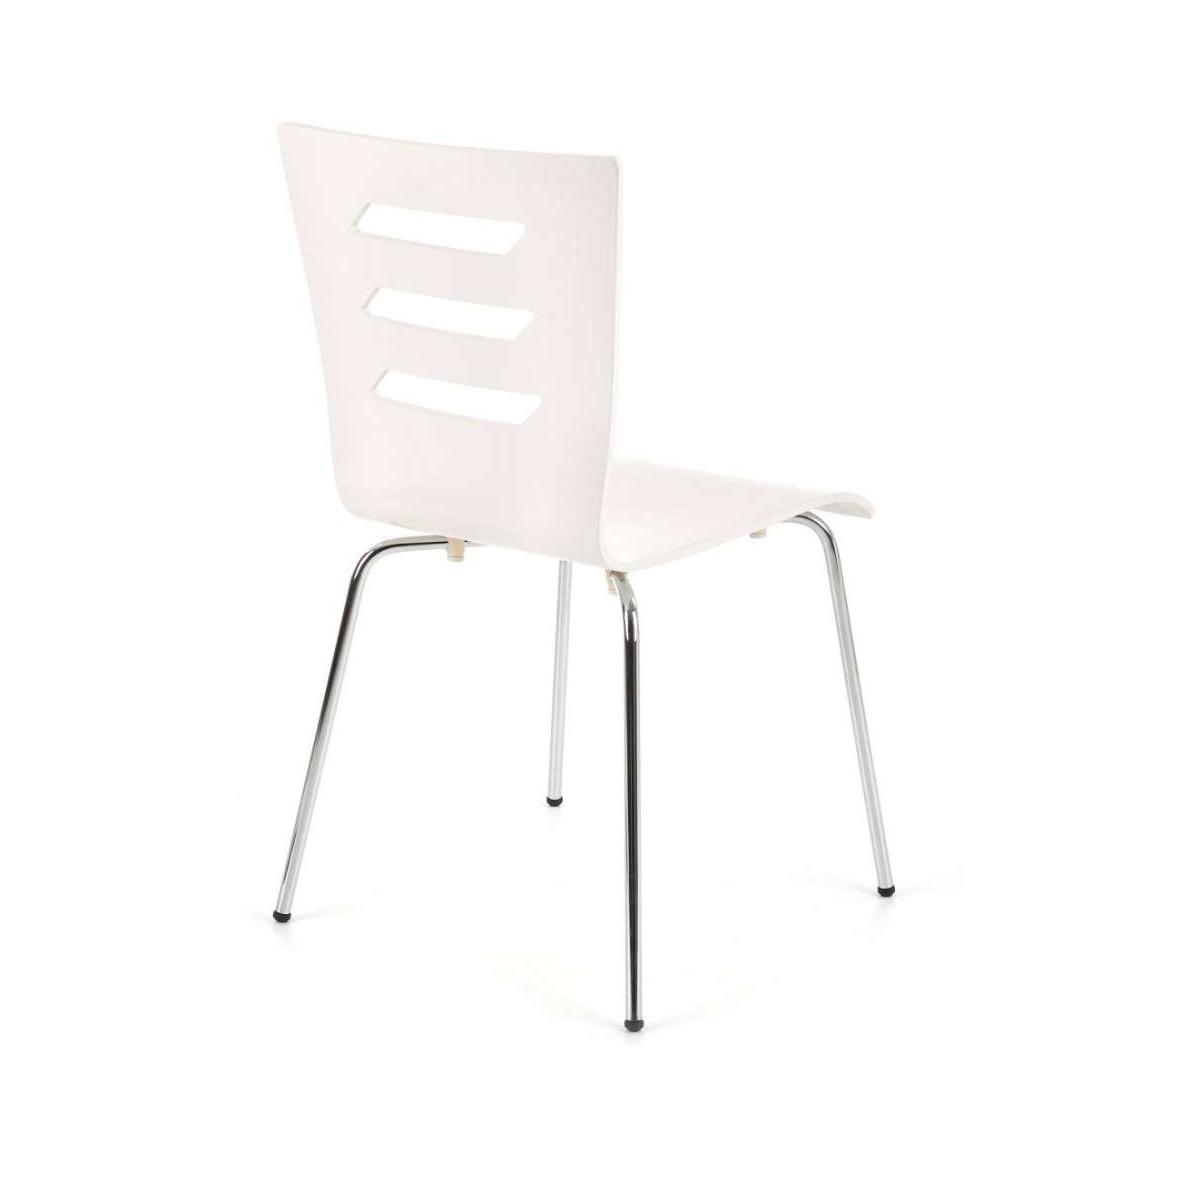 K155 białe krzesło sklejka gięta chrom